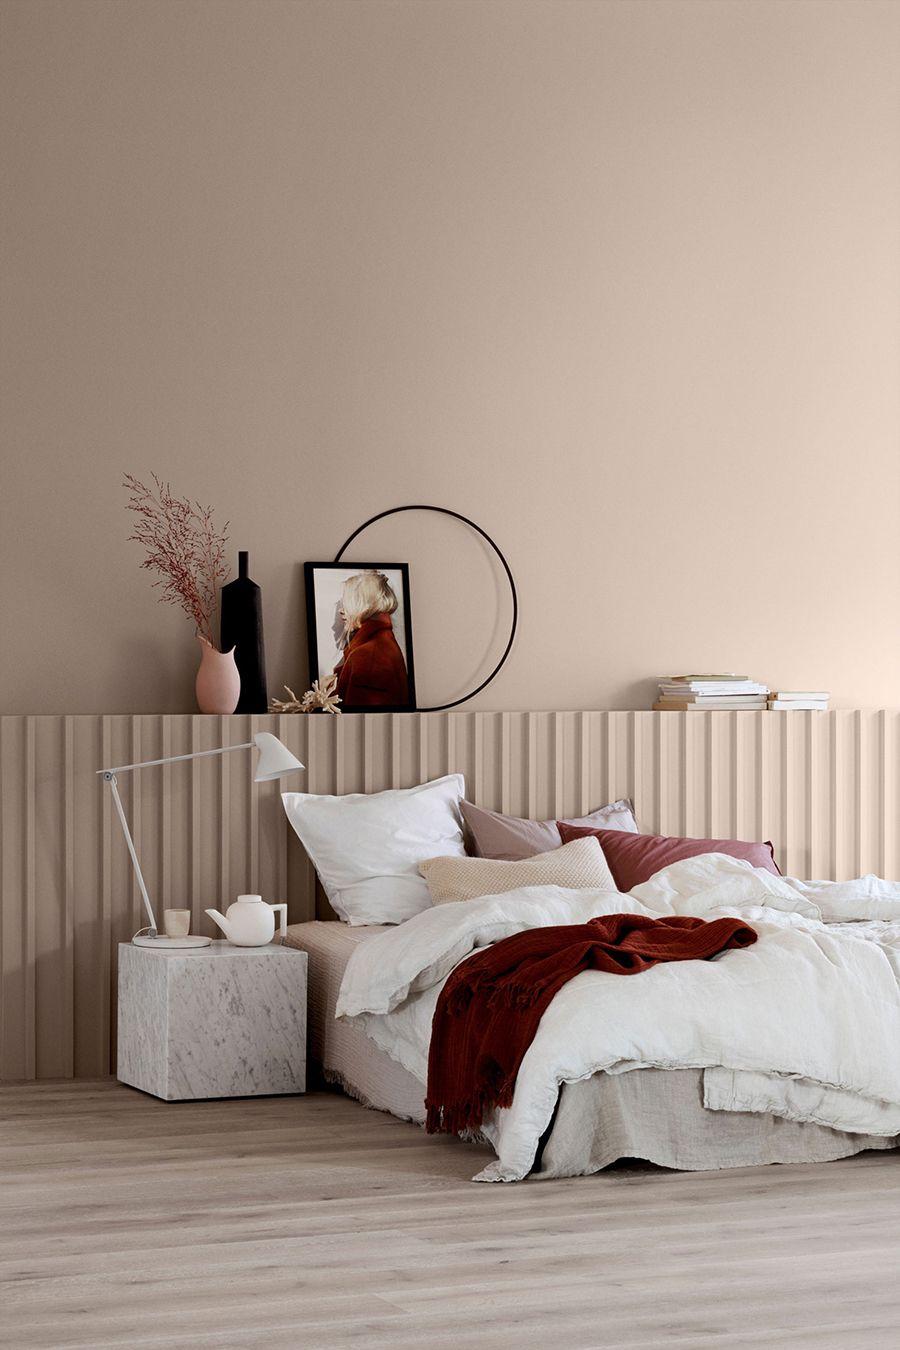 les 25 meilleures id es de la cat gorie chambre tendance 2018 sur pinterest d coration. Black Bedroom Furniture Sets. Home Design Ideas